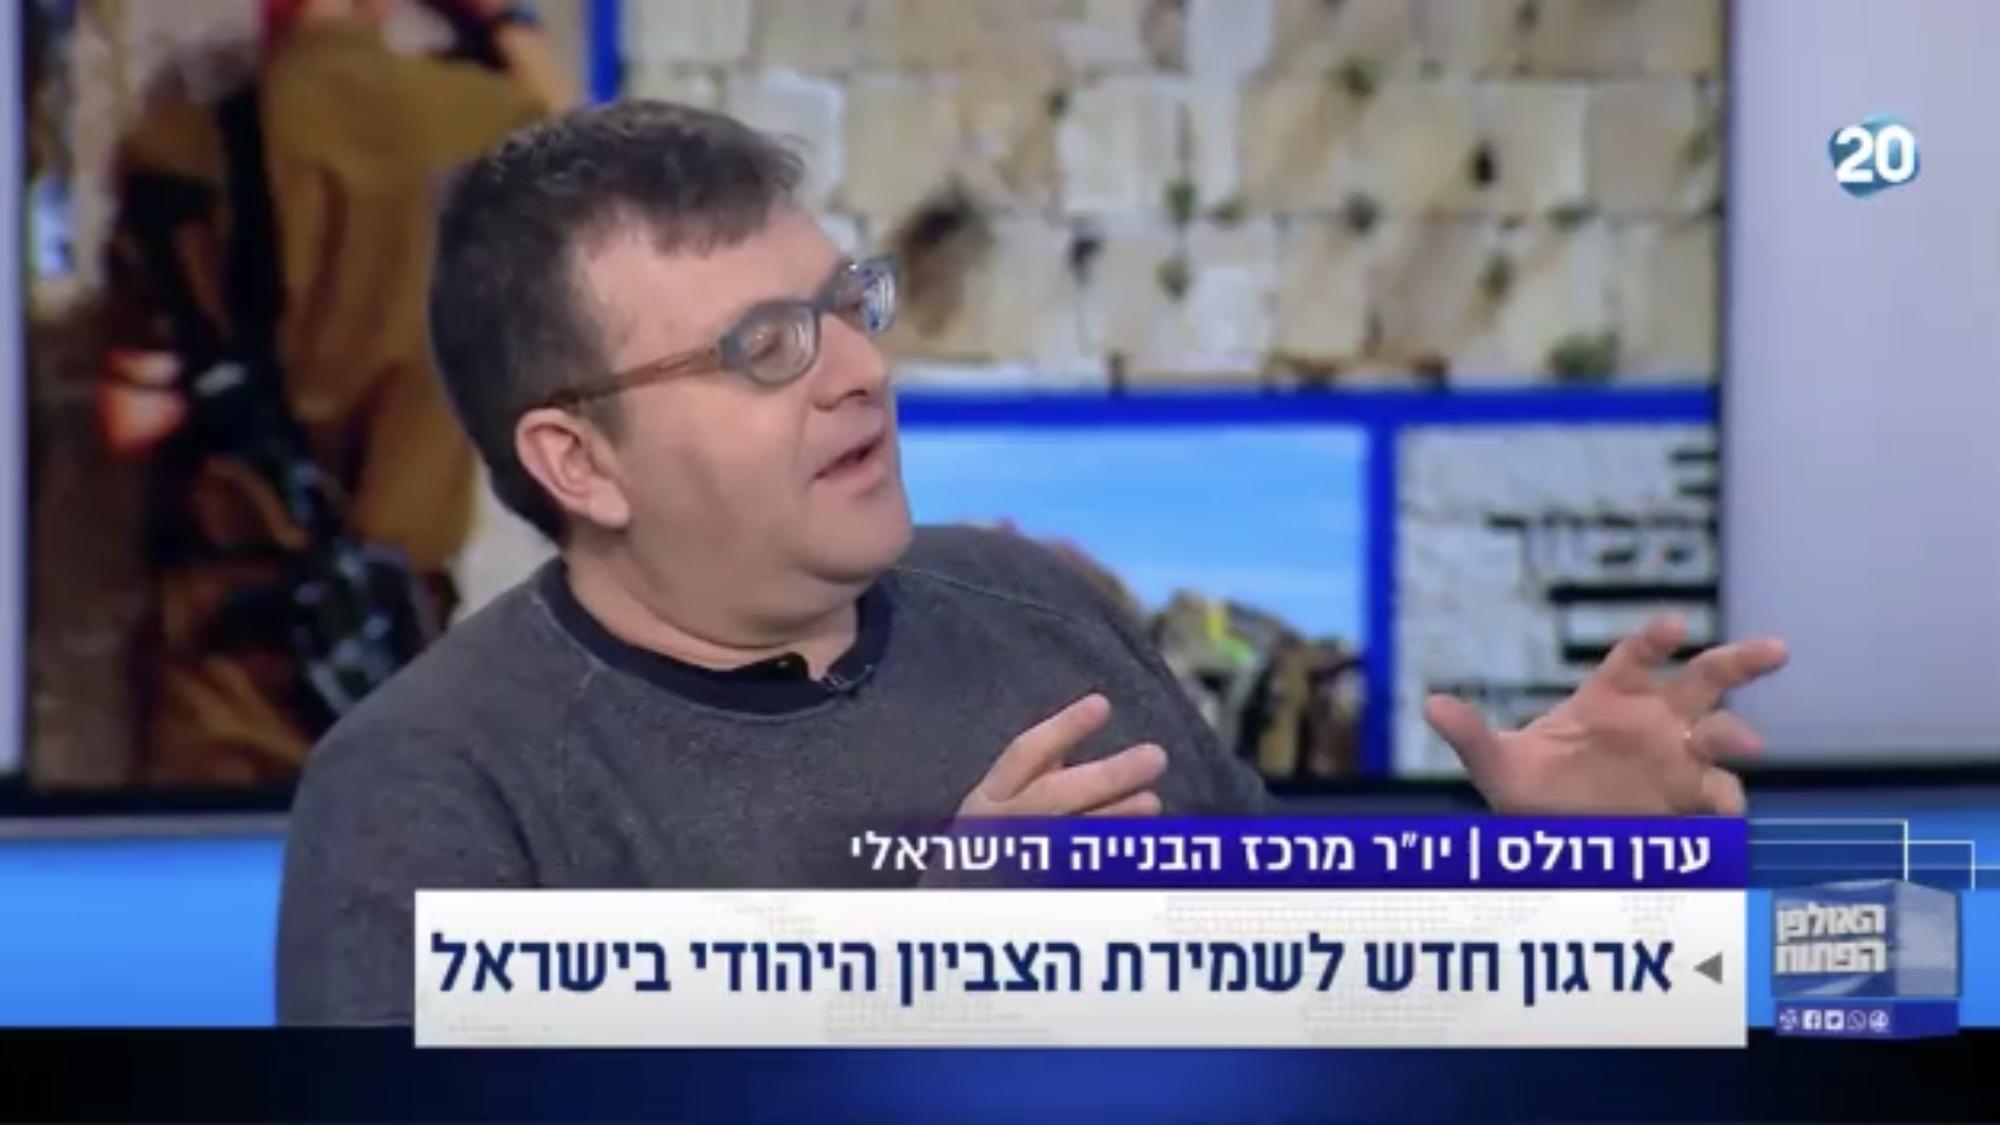 מהמיזמים החשובים בישראל: יצא לדרך מיזם ״הכיפות השקופות״ (צפו)